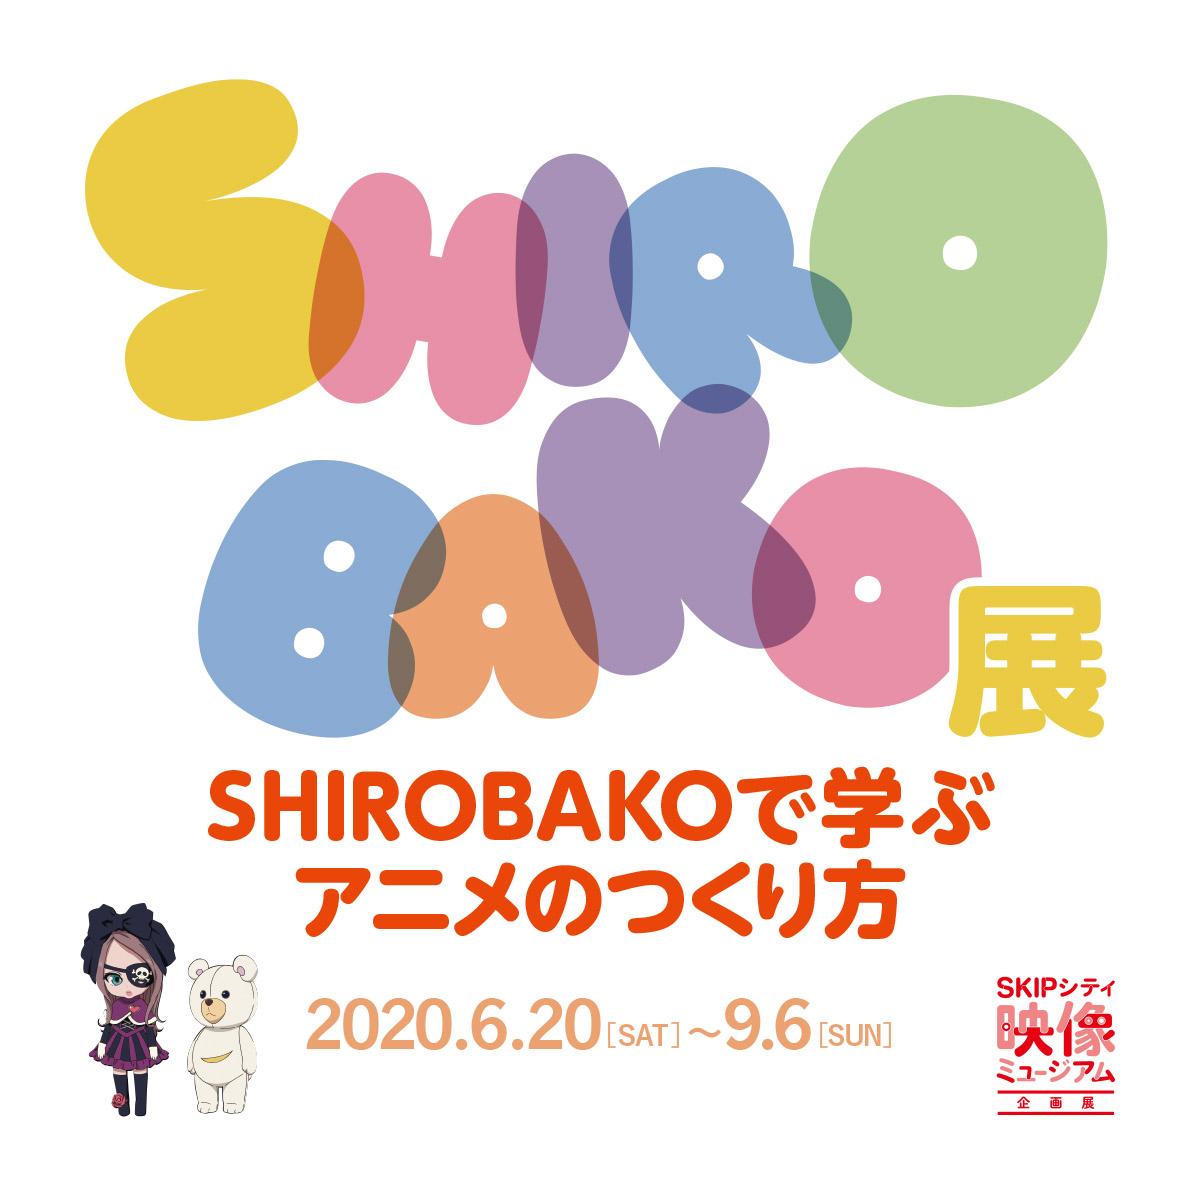 shirobako_sns_1200-1200.jpg